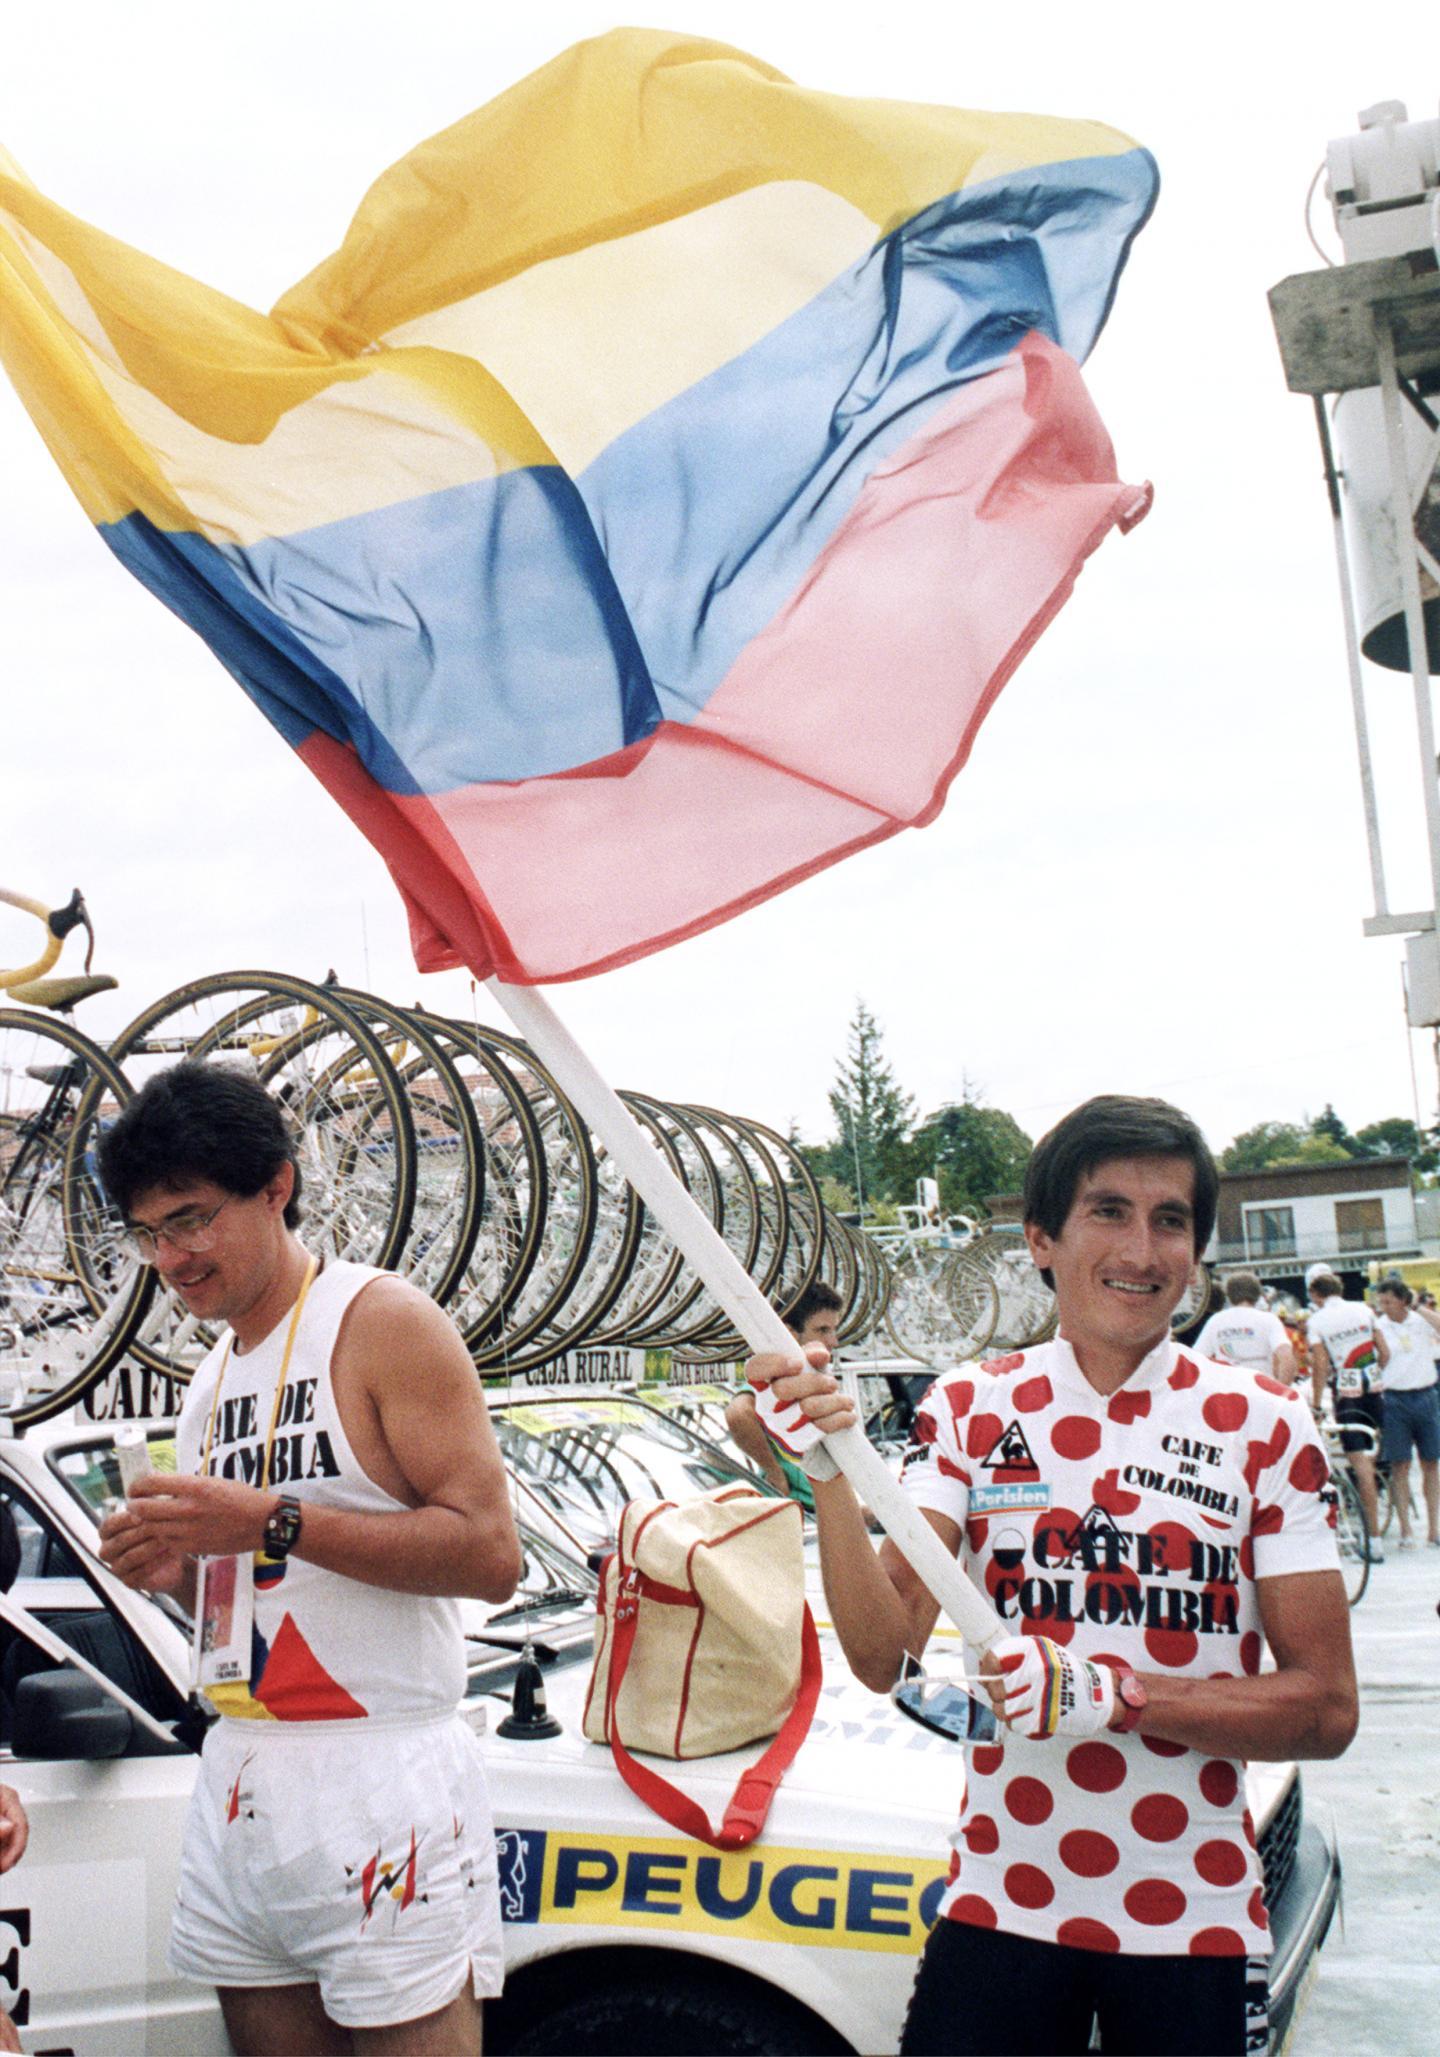 Les Colombiens exultent : ils tiennent leur nouveau héros.